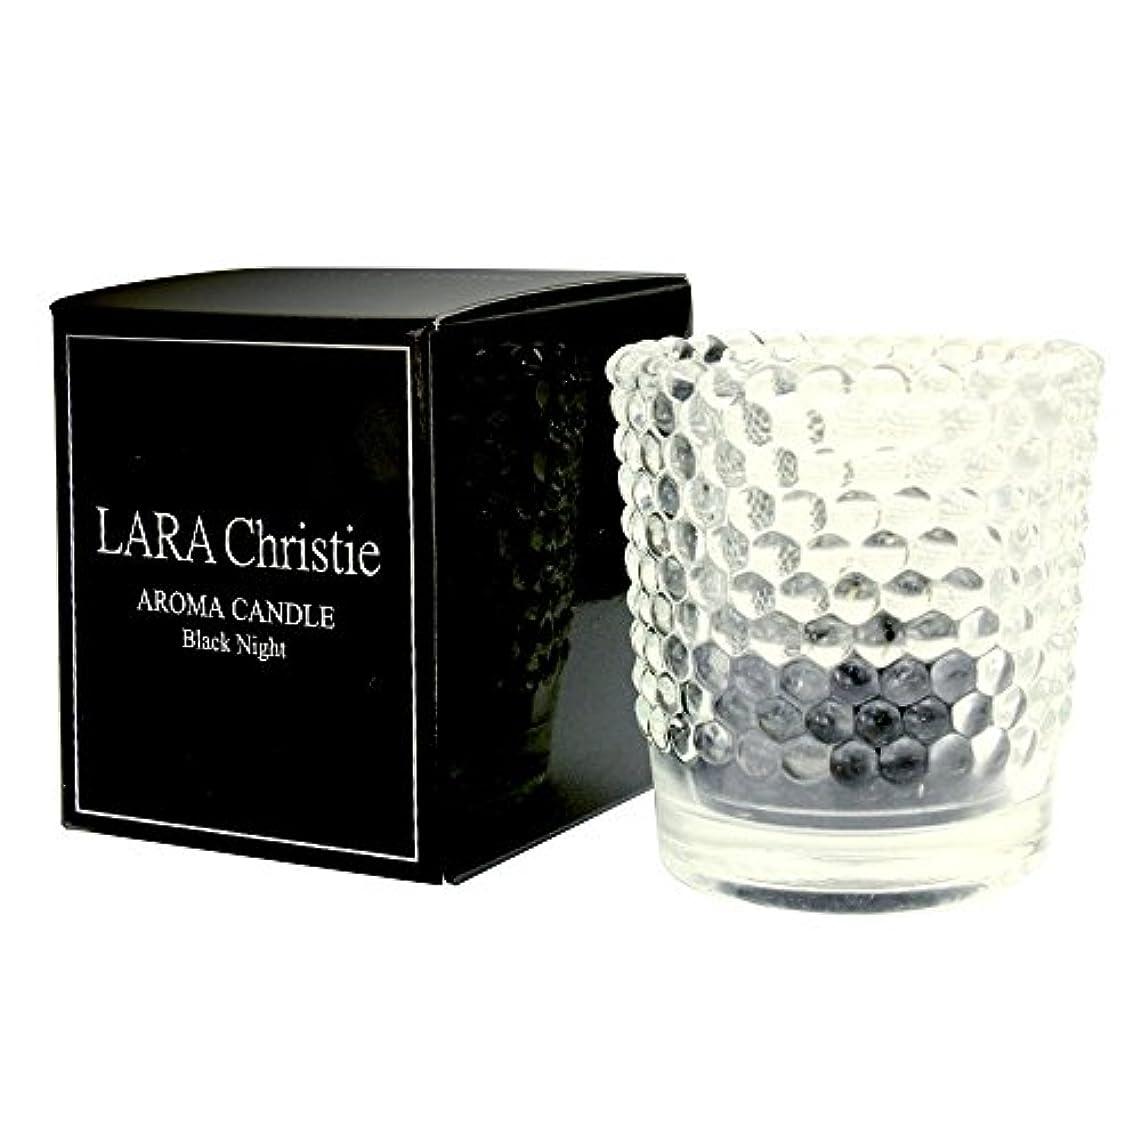 影響する委任ブレース[ララクリスティー] LARA Christie ブラックナイト アロマキャンドル [ BLACK Label ] a0011-b